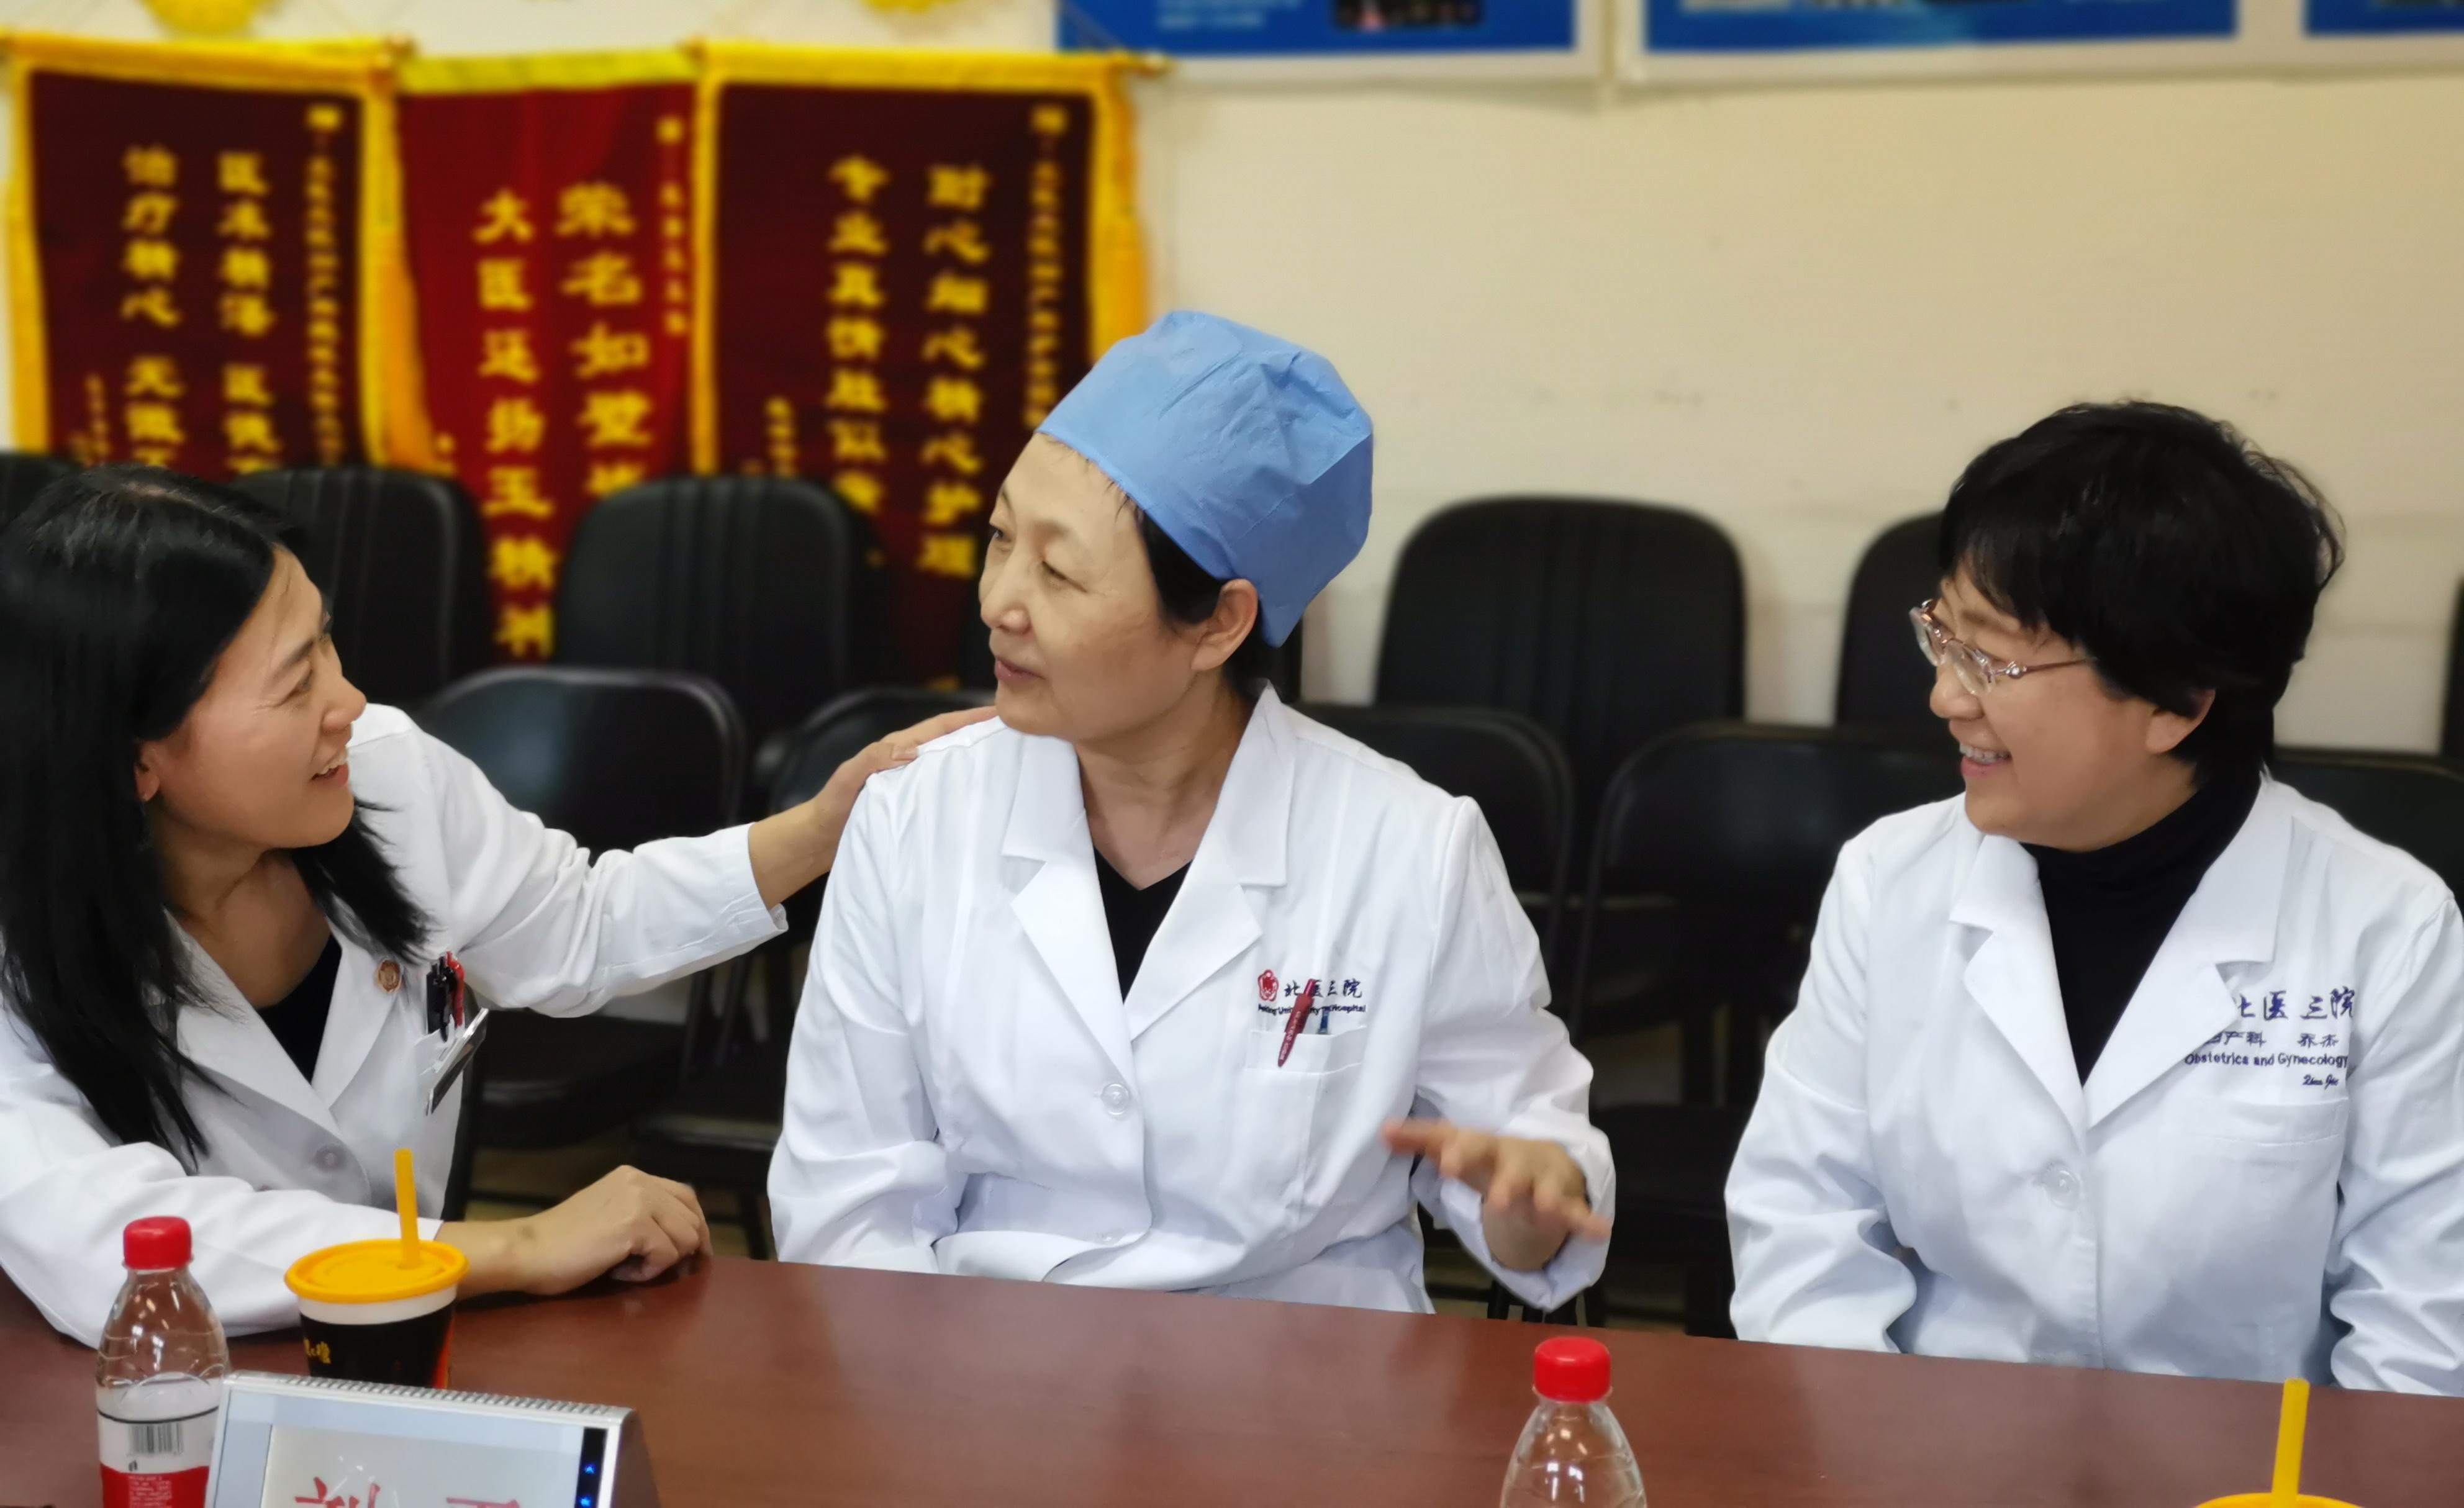 医声医事 | 中国大陆首例试管婴儿郑萌珠当妈妈了